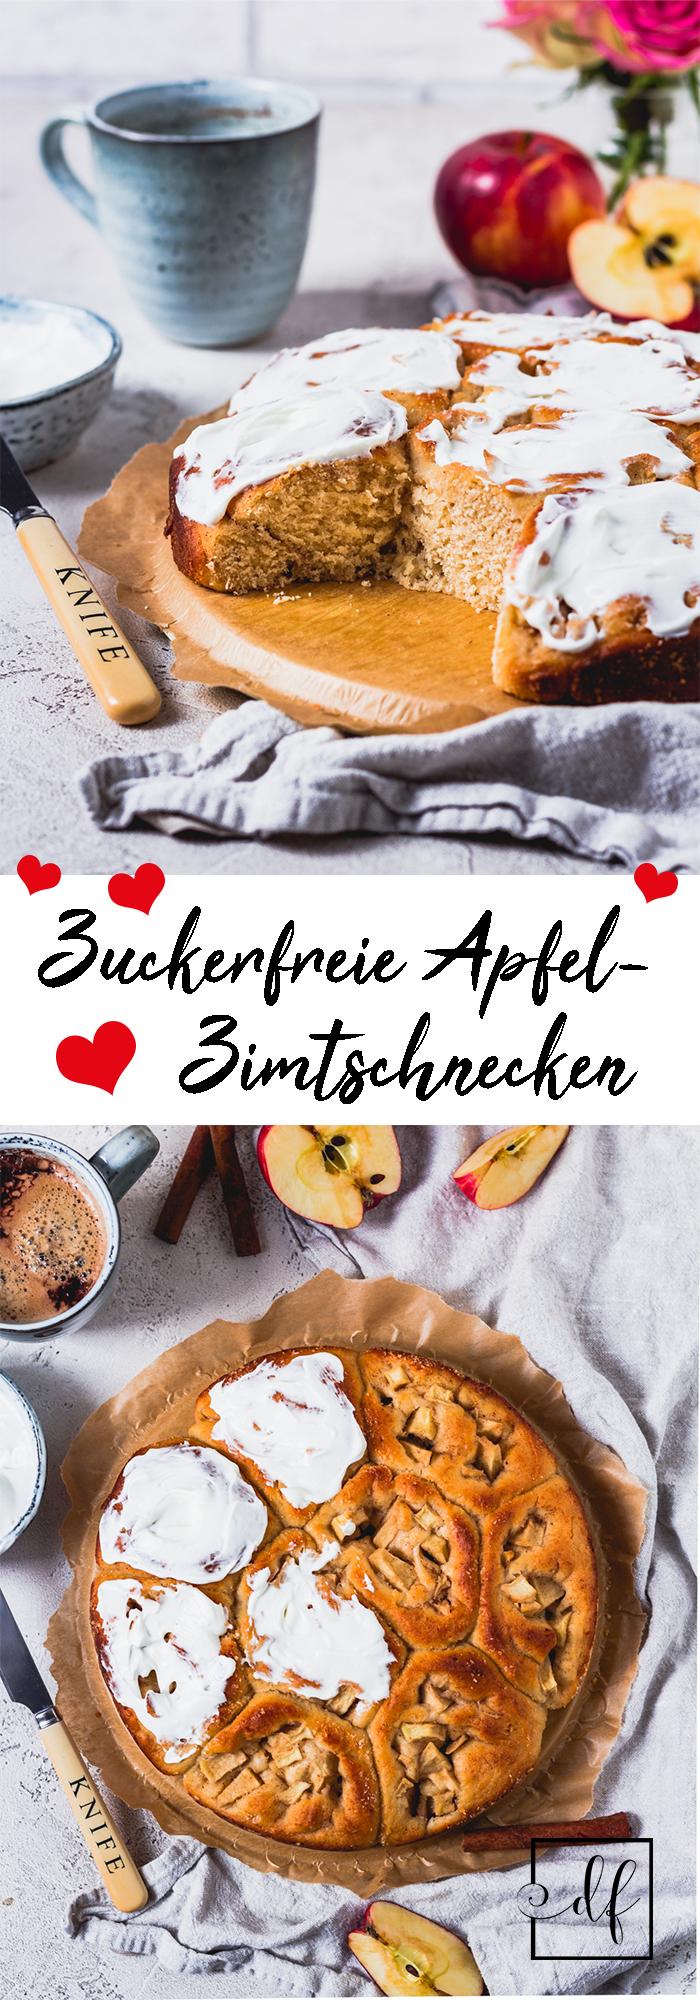 Pinterest Grafik für zuckerfreie Apfel-Zimt-Schnecken